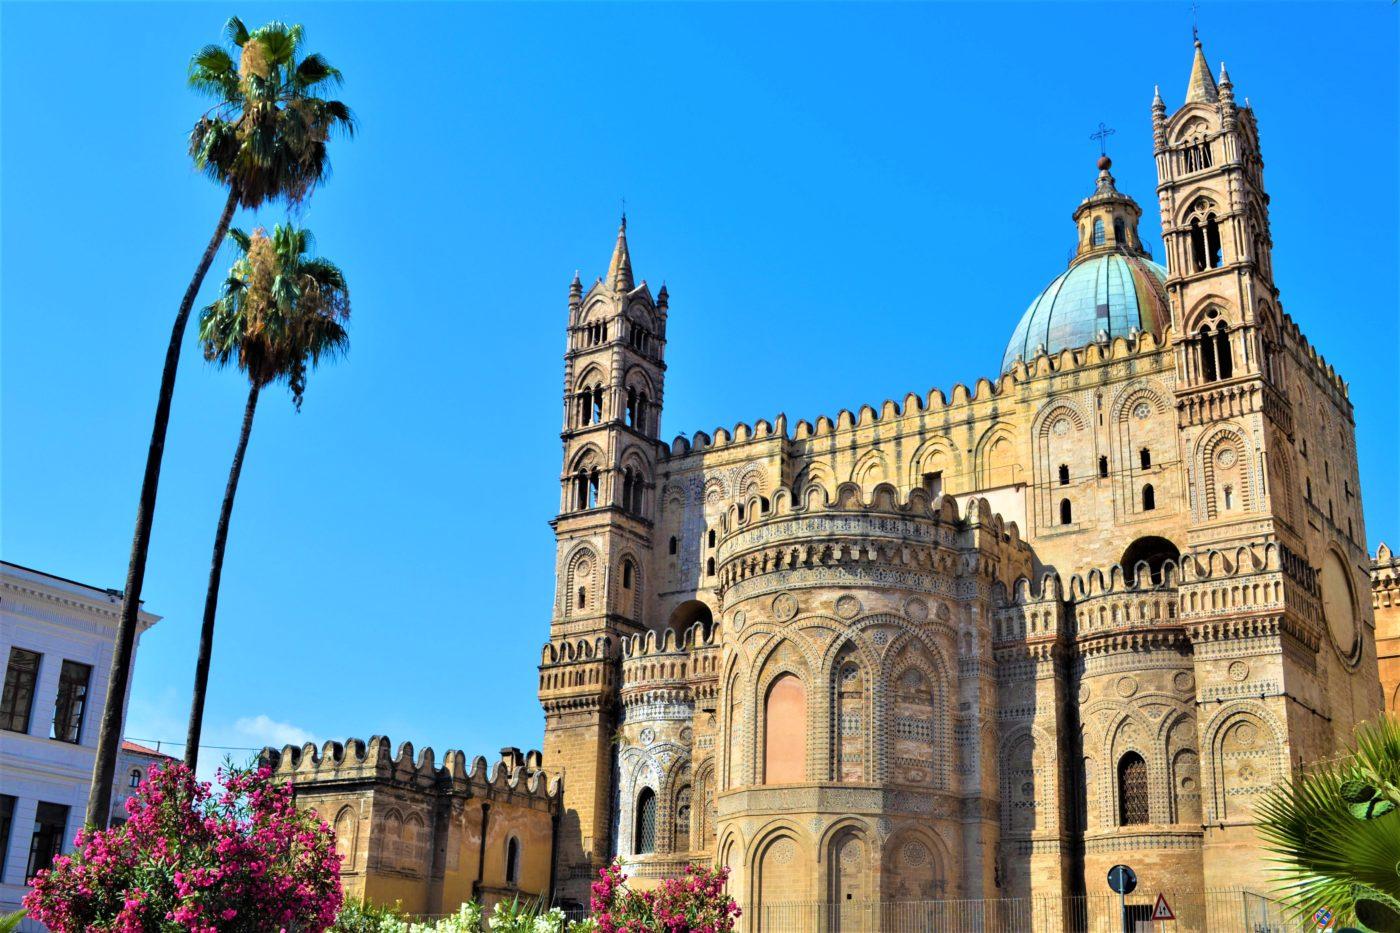 Palermo e dintorni – Tour della città, Erice, Segesta ed esclusivo wine tasting